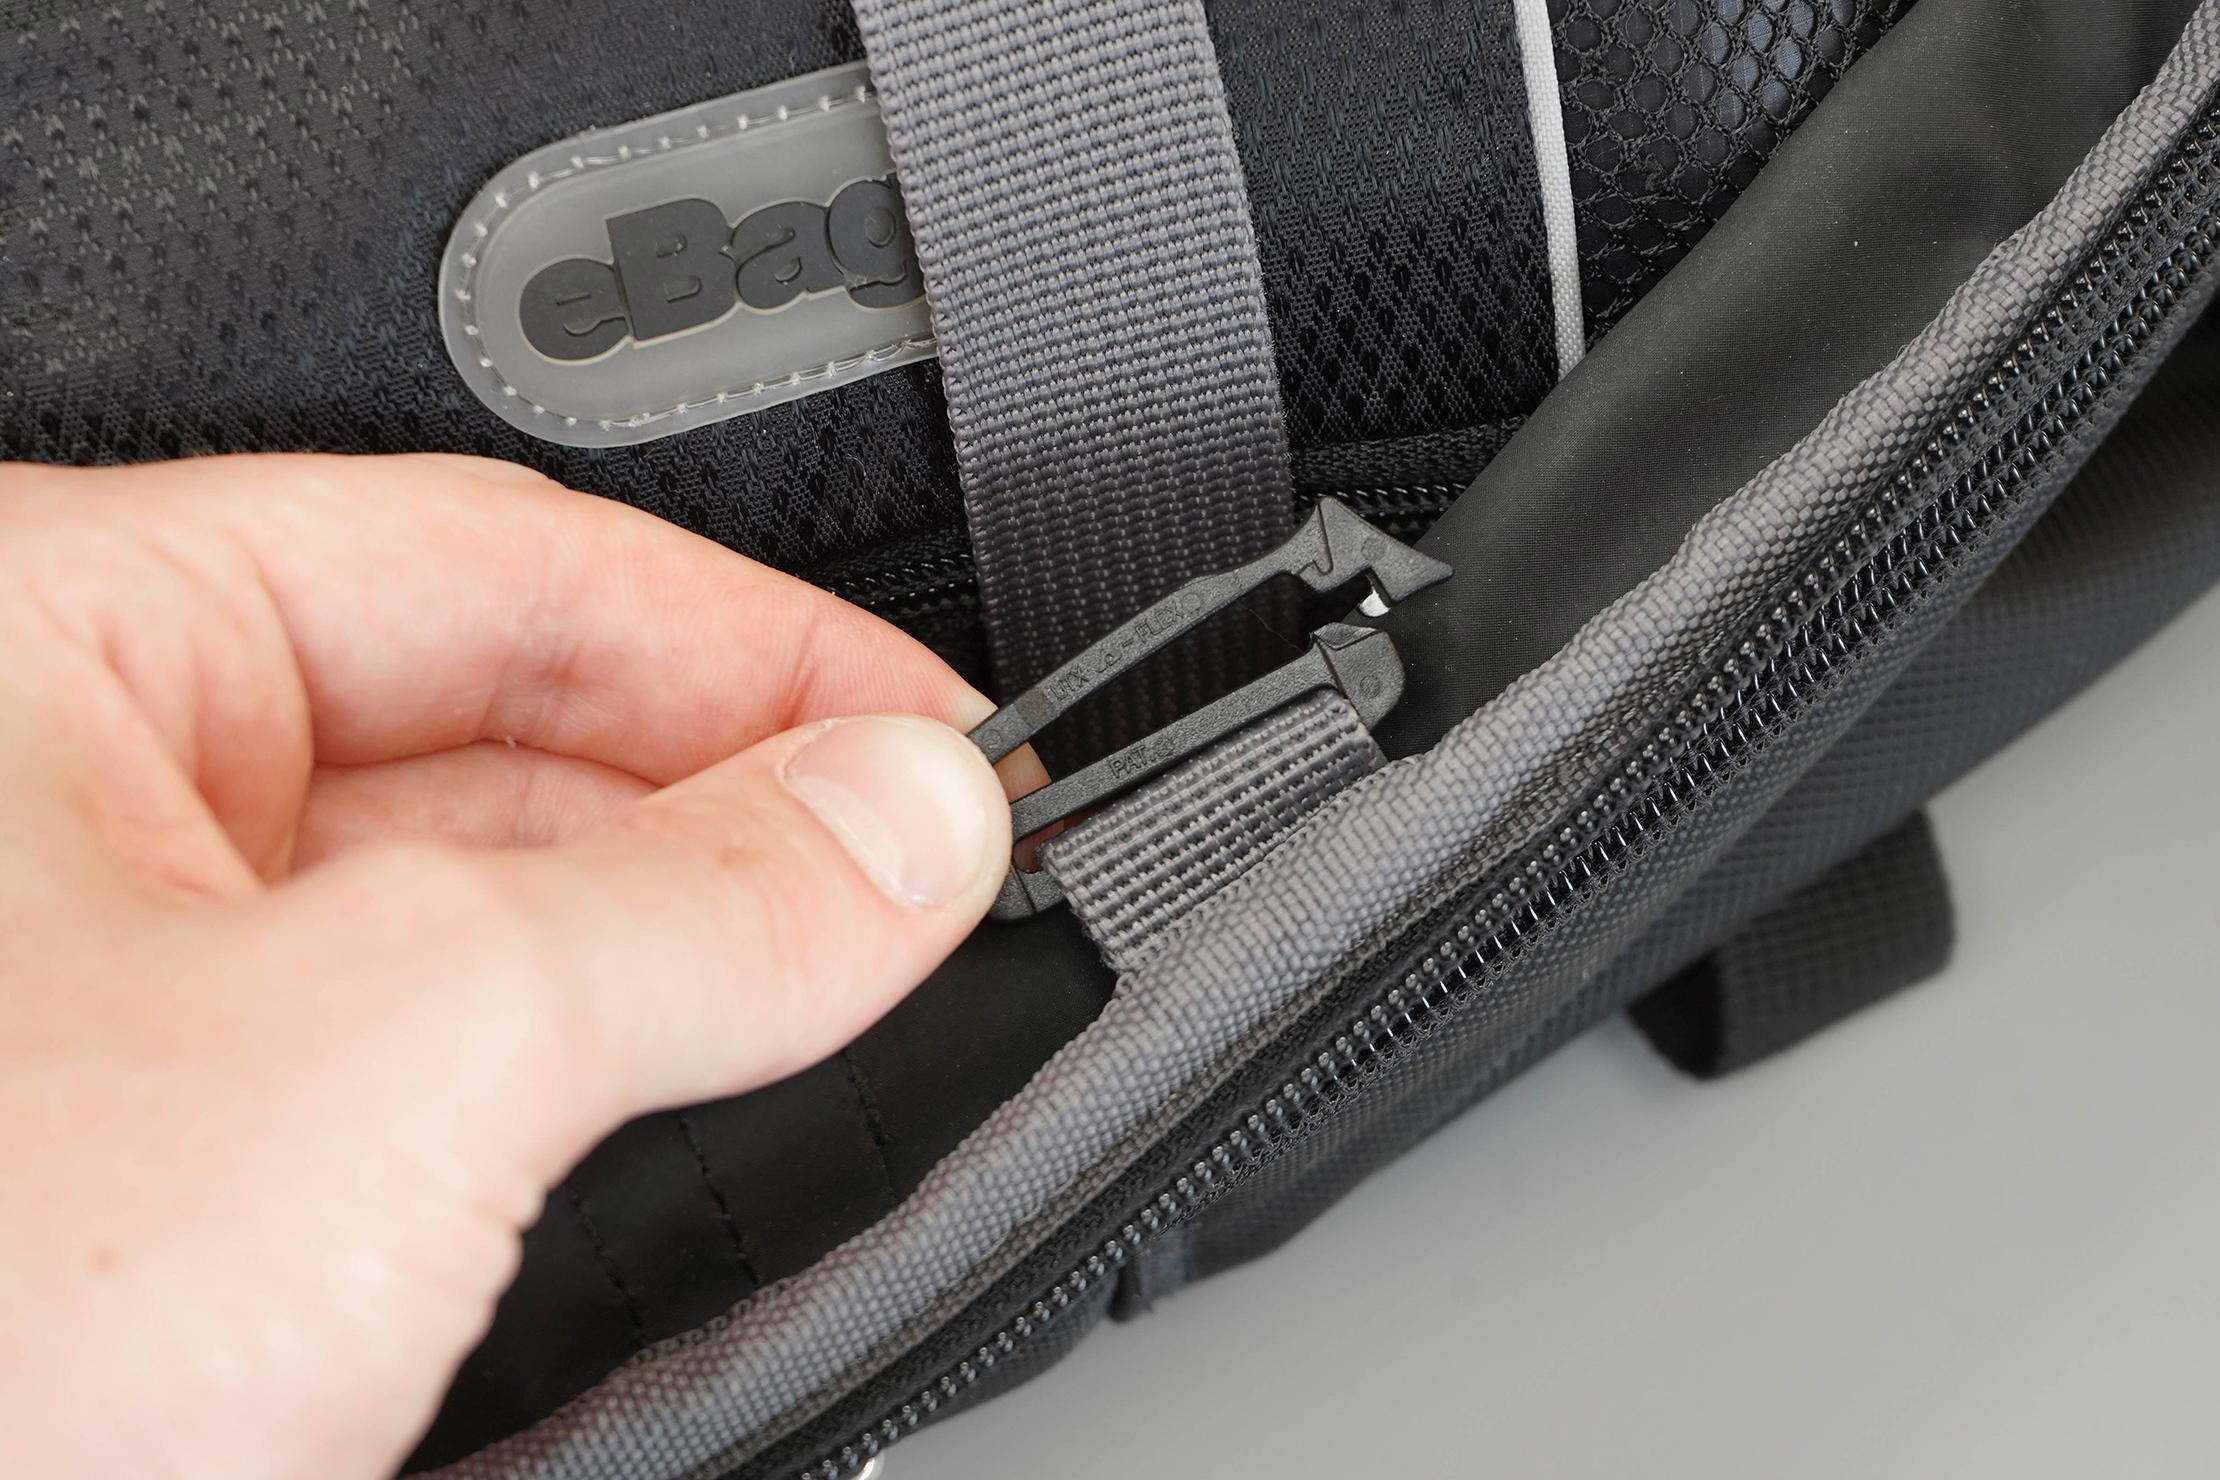 eBags TLS Mother Lode Weekender Convertible Internal Clip